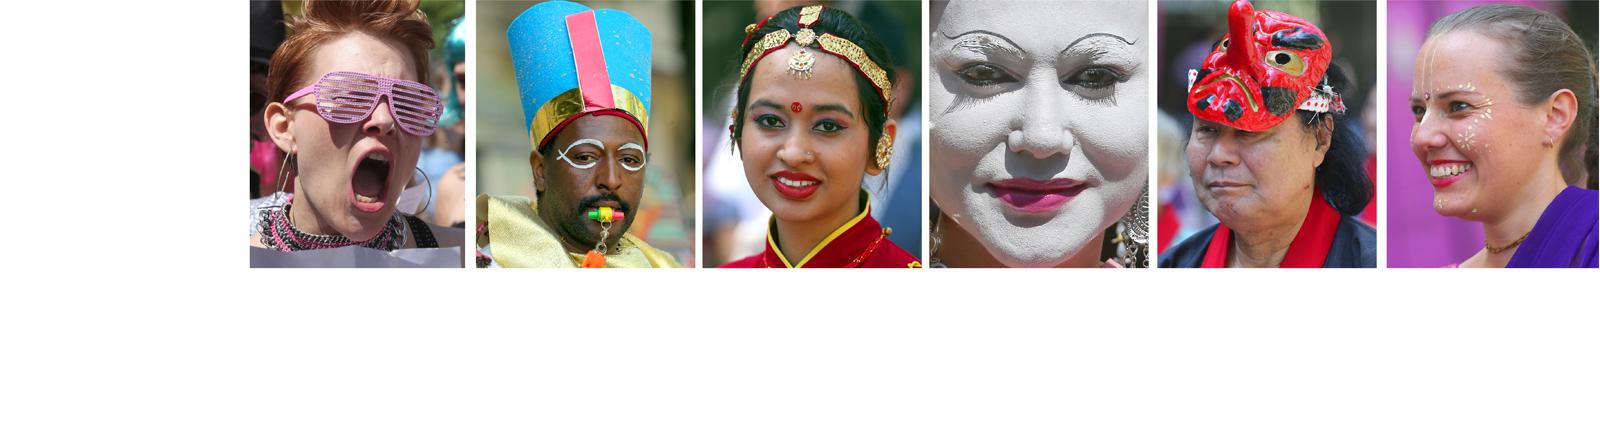 Viele verschiedene Gesichter unterschiedlicher Ethnien